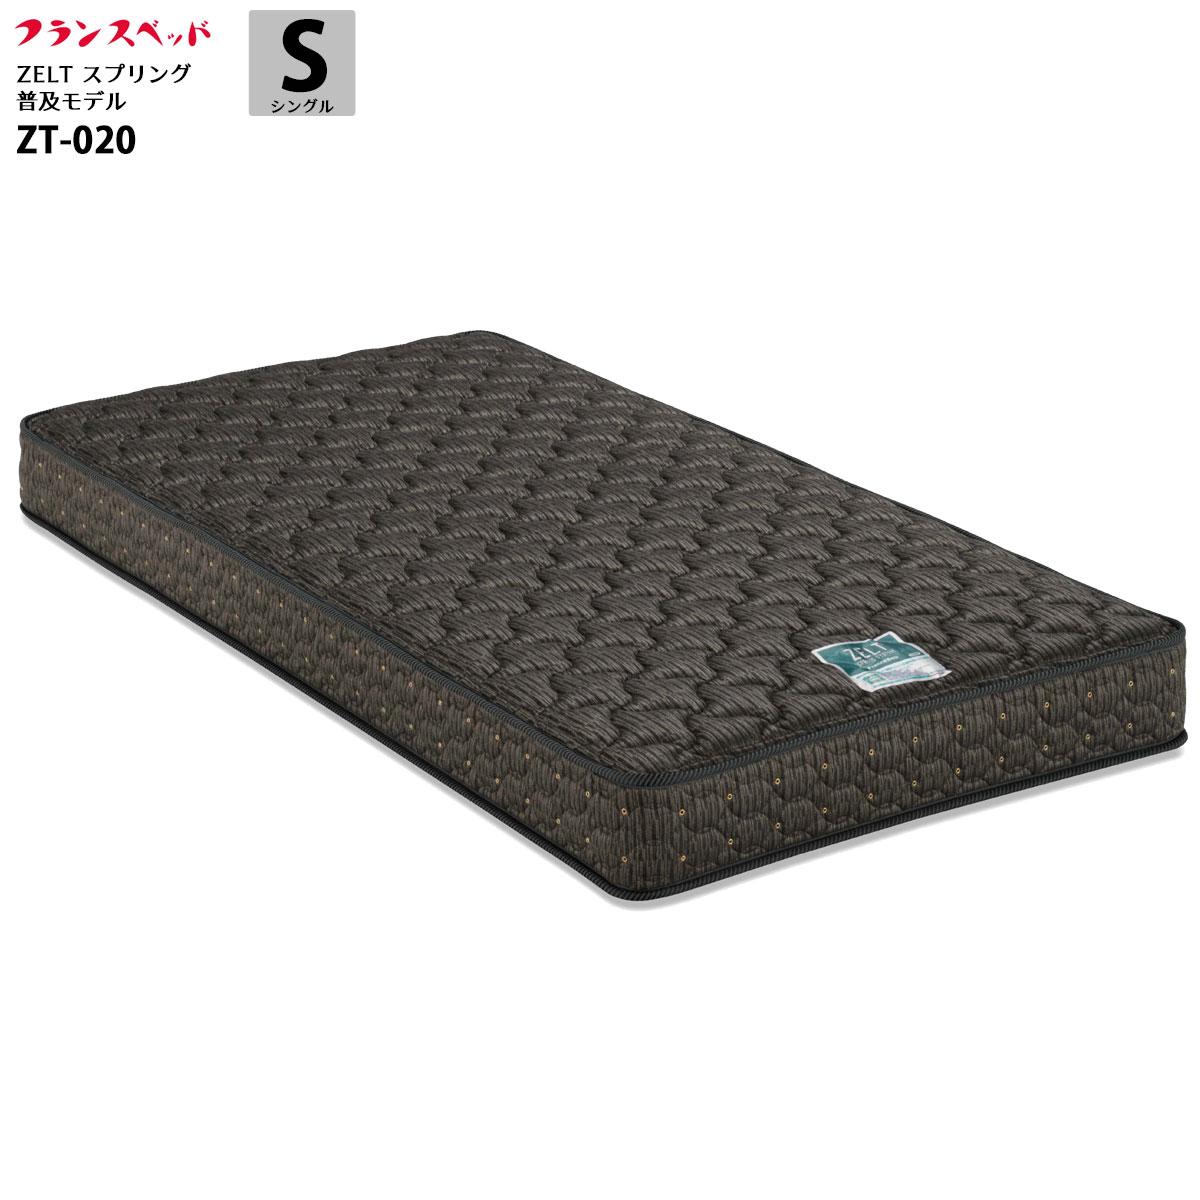 フランスベッド マットレス ZT-020 シングル 【幅97×奥行195×高さ20cm】 38495100